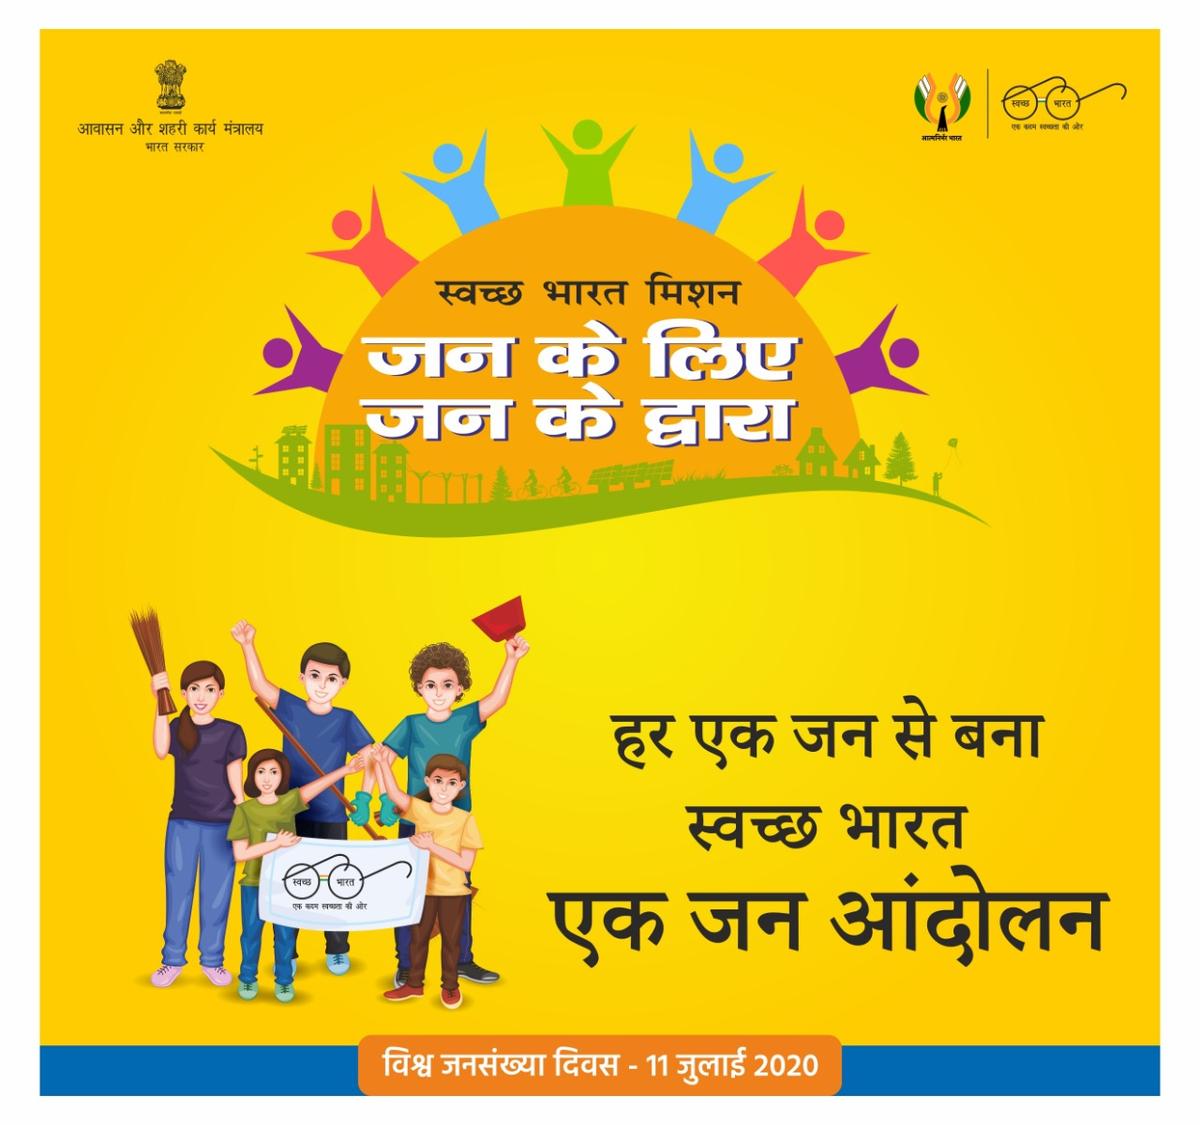 विश्व जनसंख्या दिवस के अवसर पर हम हर उस देशवासी को धन्यवाद देते हैं जिनके साहस और प्रयास ने  स्वच्छ भारत मिशन को एक जन आंदोलन बनाया है !  #WorldPopulationDay #MyCleanIndia https://t.co/65gbOR1Q5g